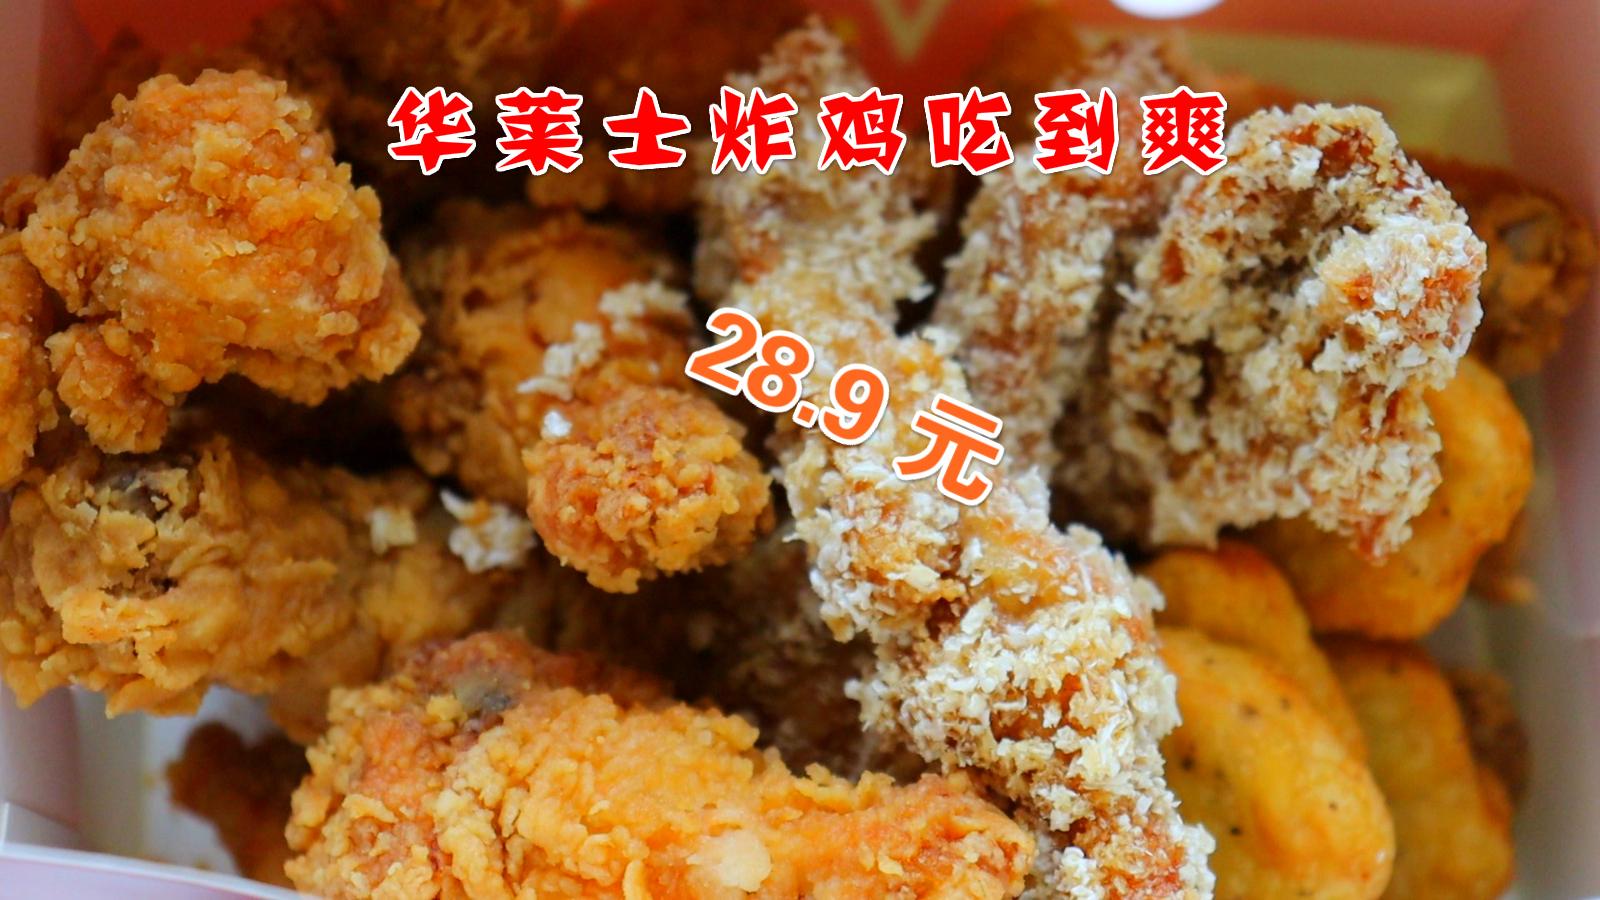 炸鸡吃到爽!华莱士又有新活动,29元的套餐里竟有这么多油炸食品!